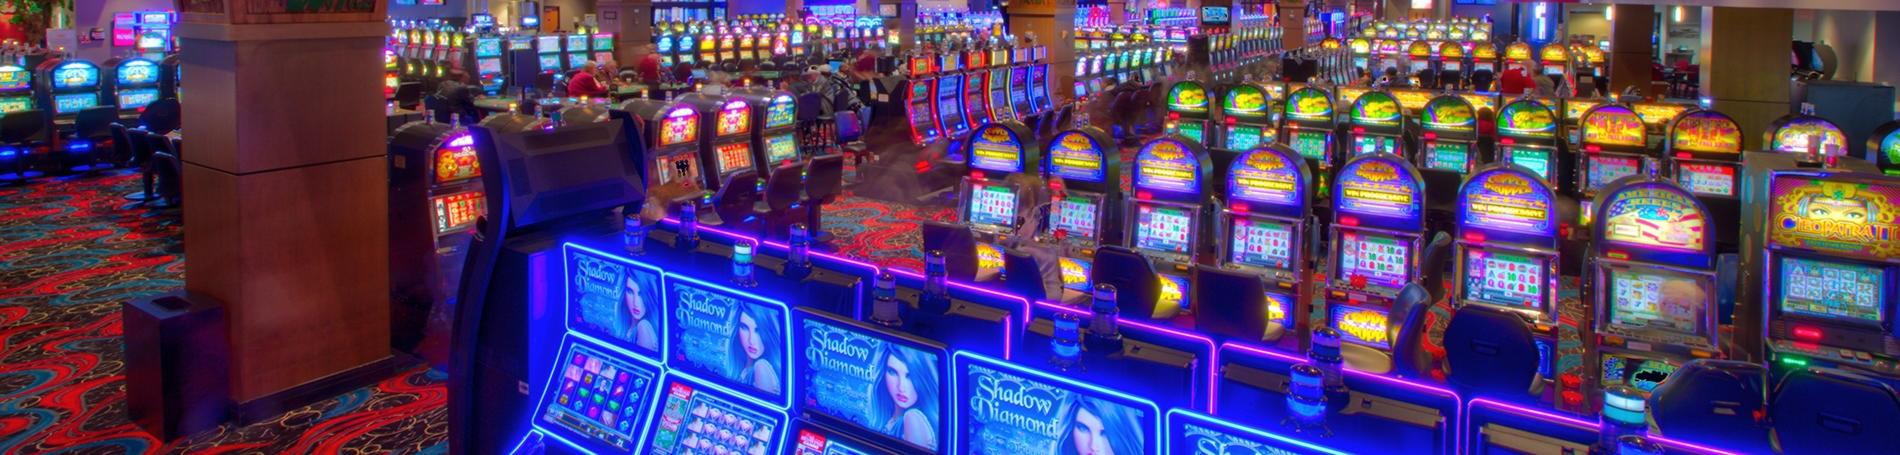 15 Free spins no deposit at Vegas Luck Casino